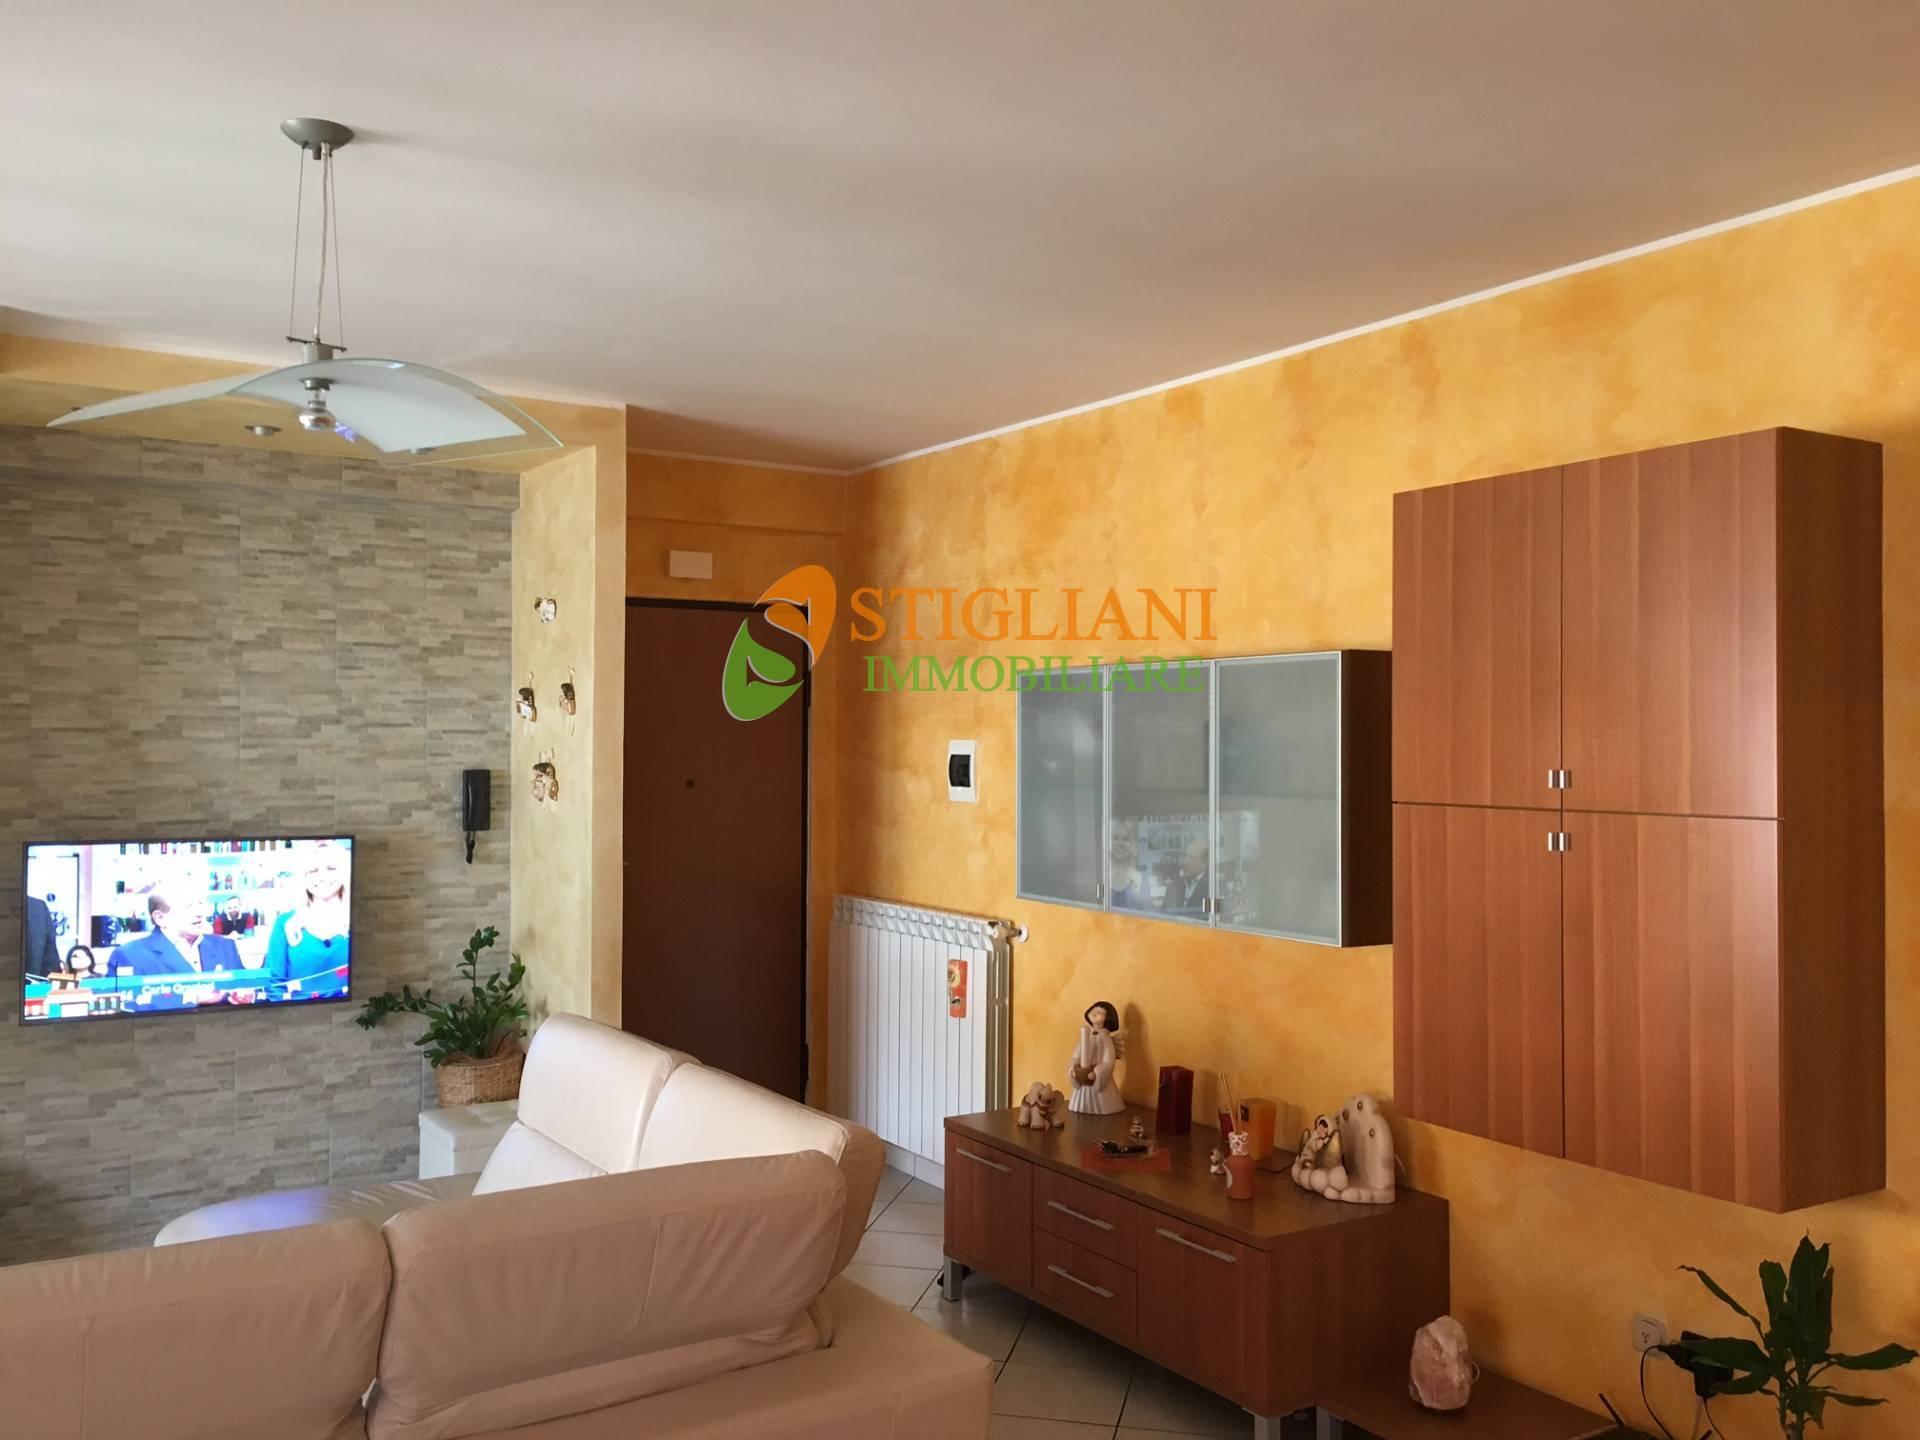 Appartamento in vendita a Baranello, 5 locali, zona Località: ContradaSterparo, prezzo € 100.000   CambioCasa.it